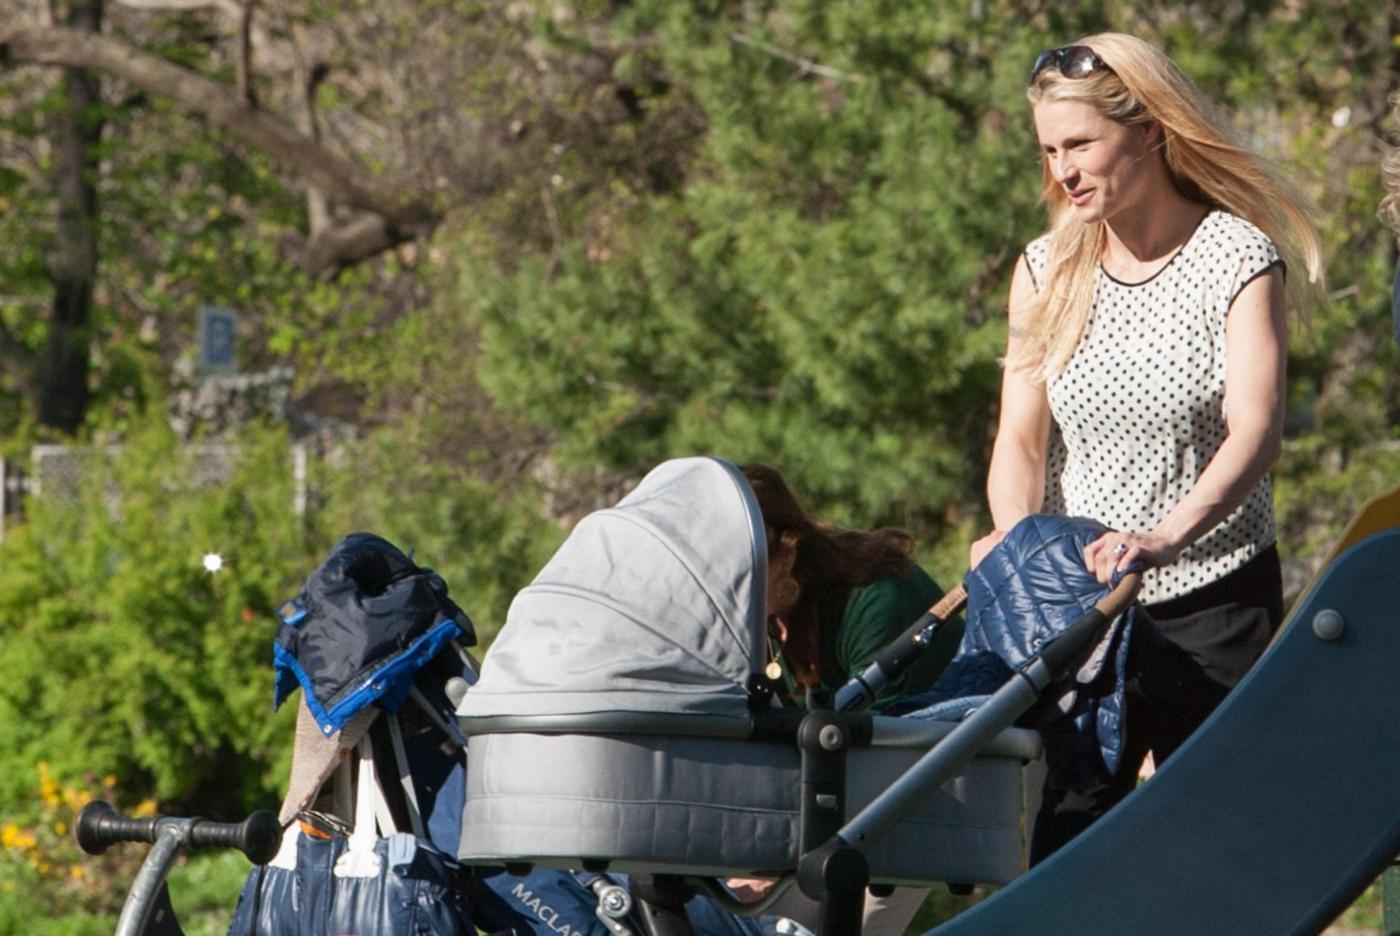 Michelle Hunizker al parco con le figlie Sole e Celeste02